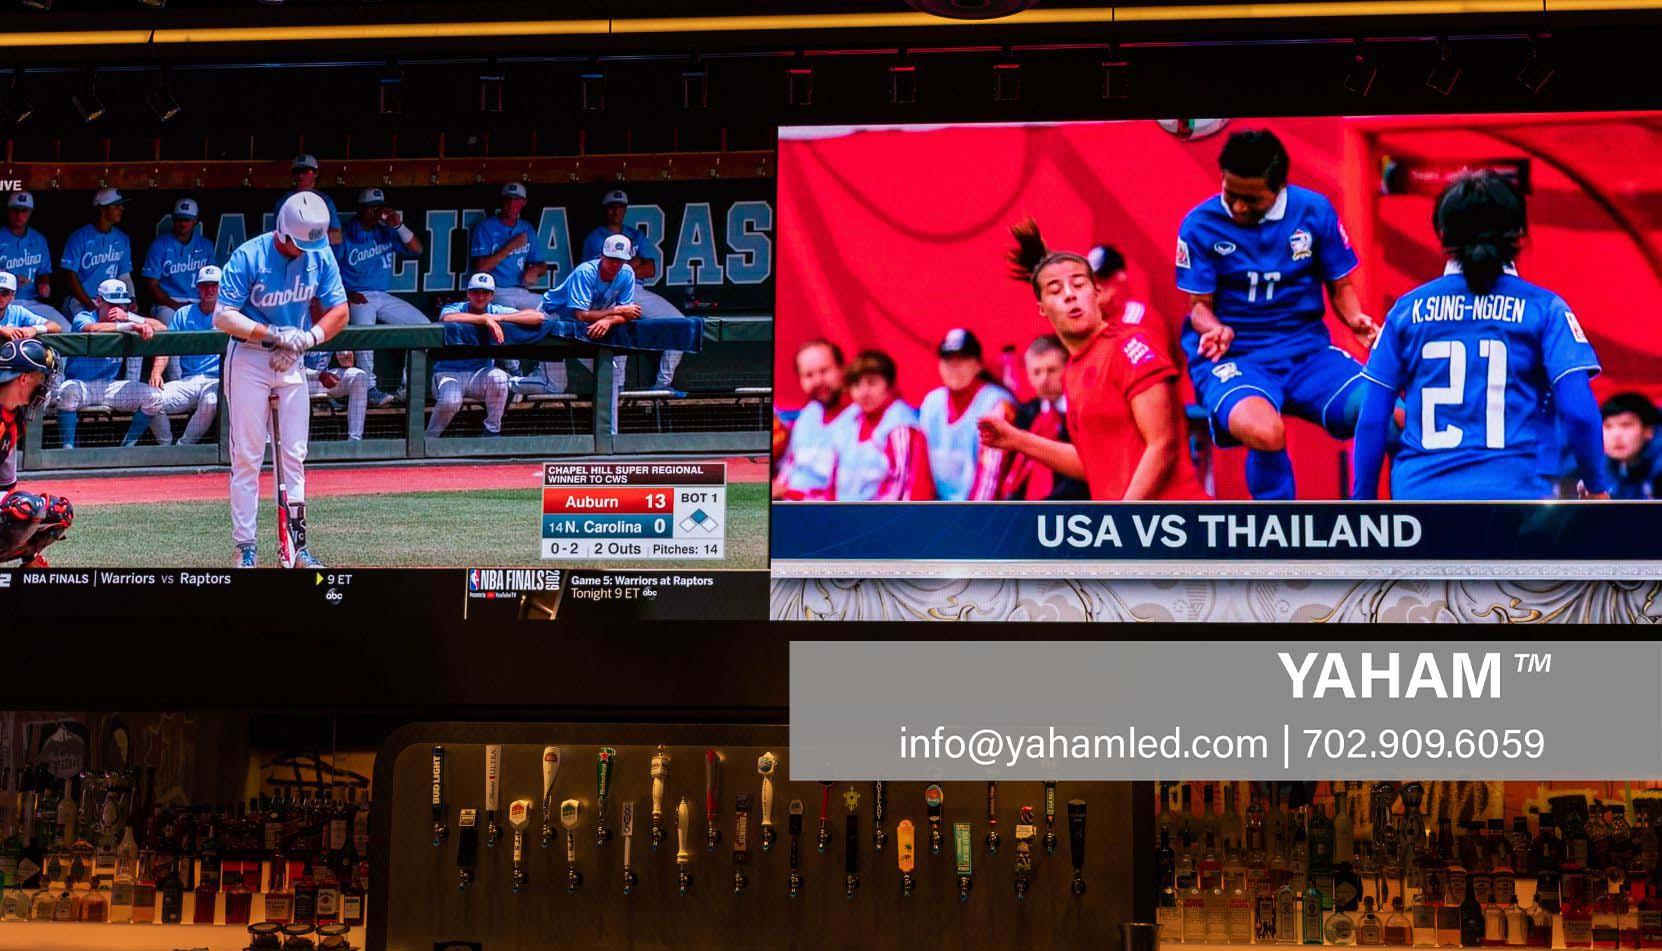 led signage display